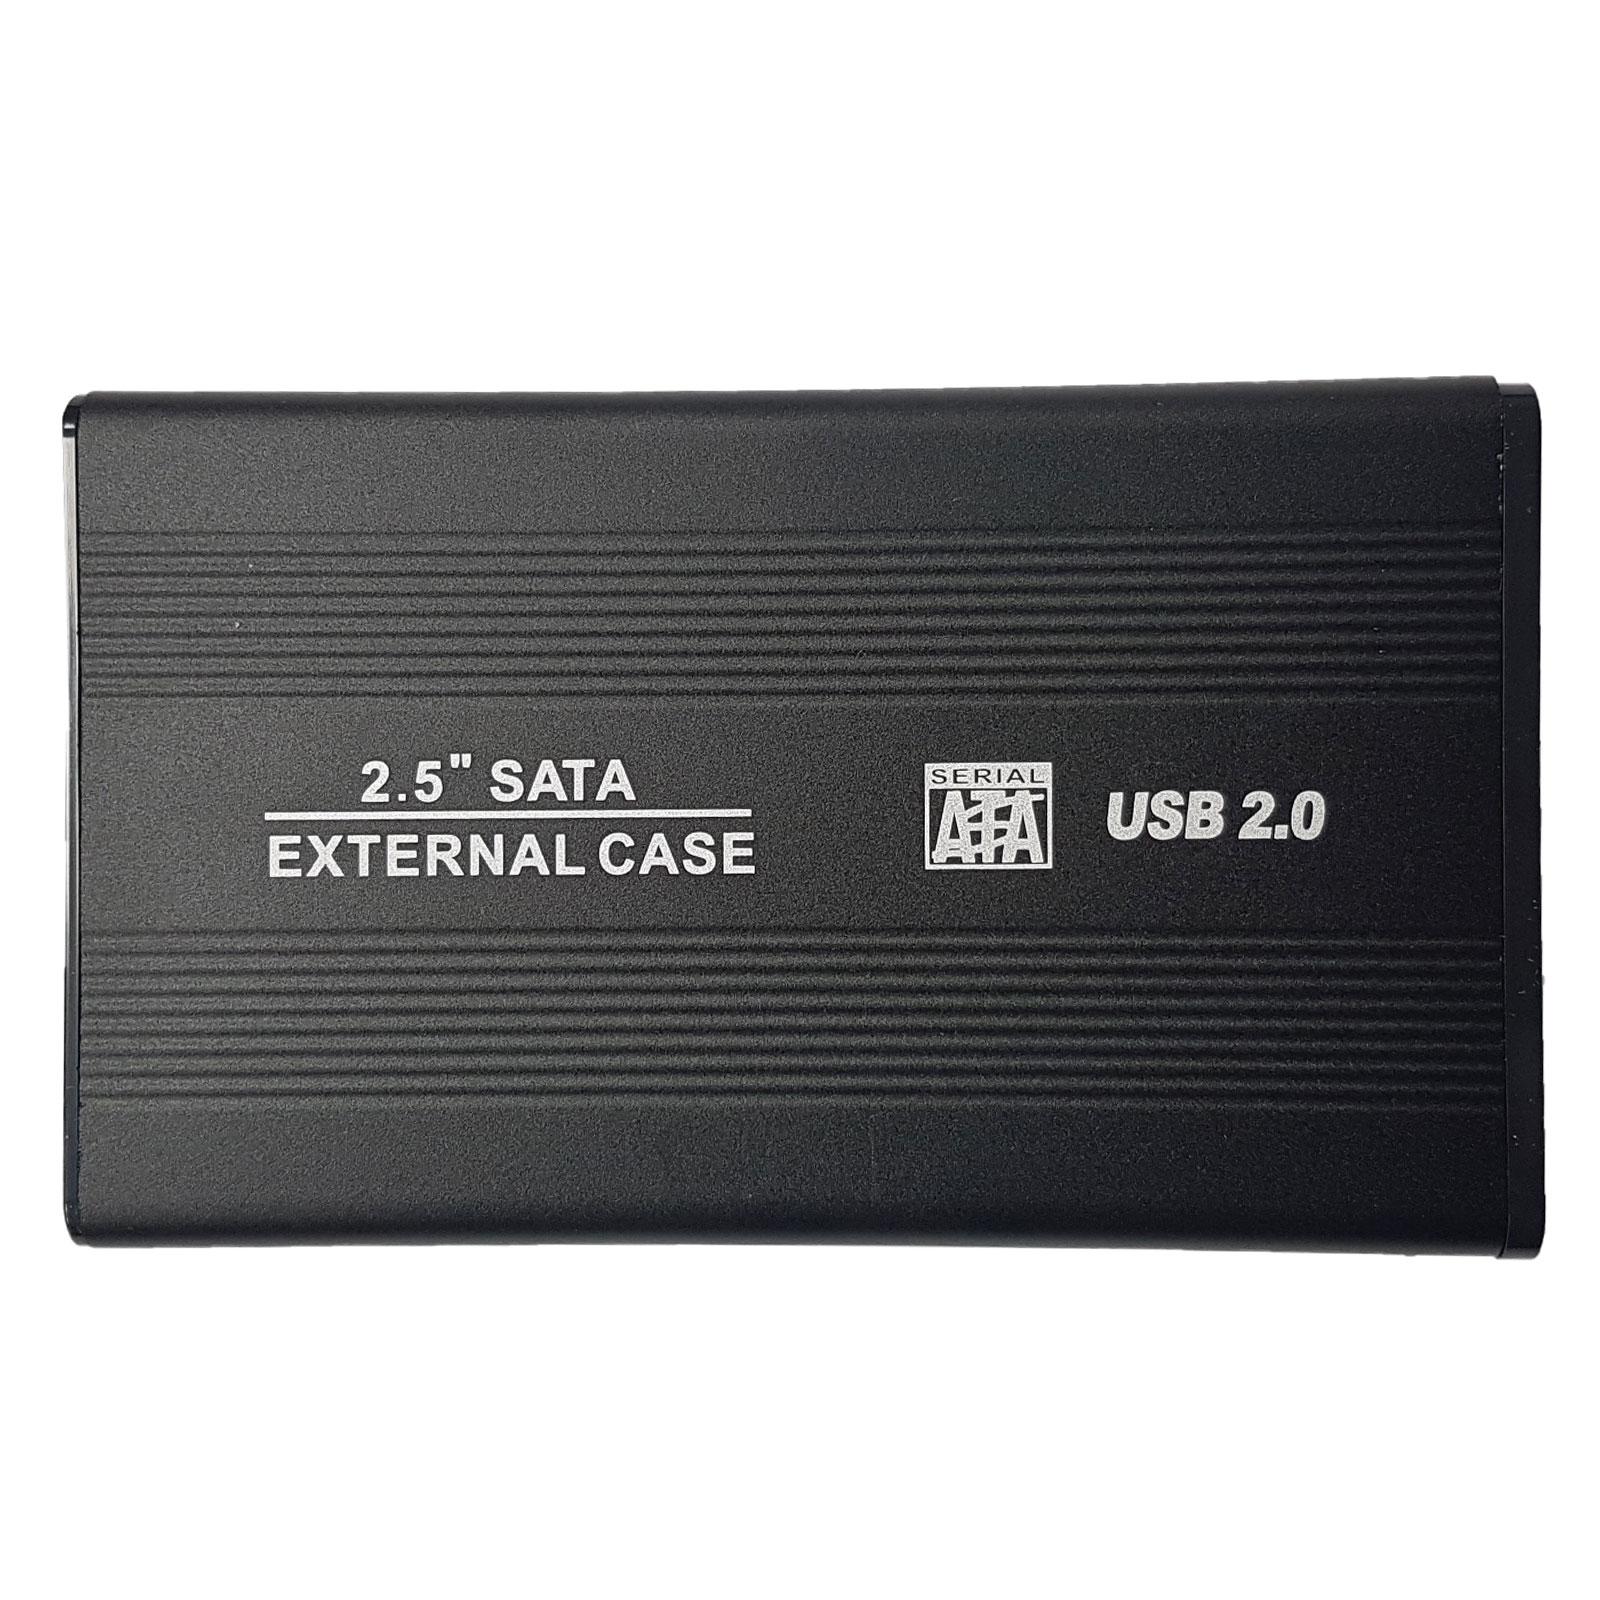 باکس تبدیل SATA به USB 2.0 هارددیسک 2.5 اینچی مدل G100